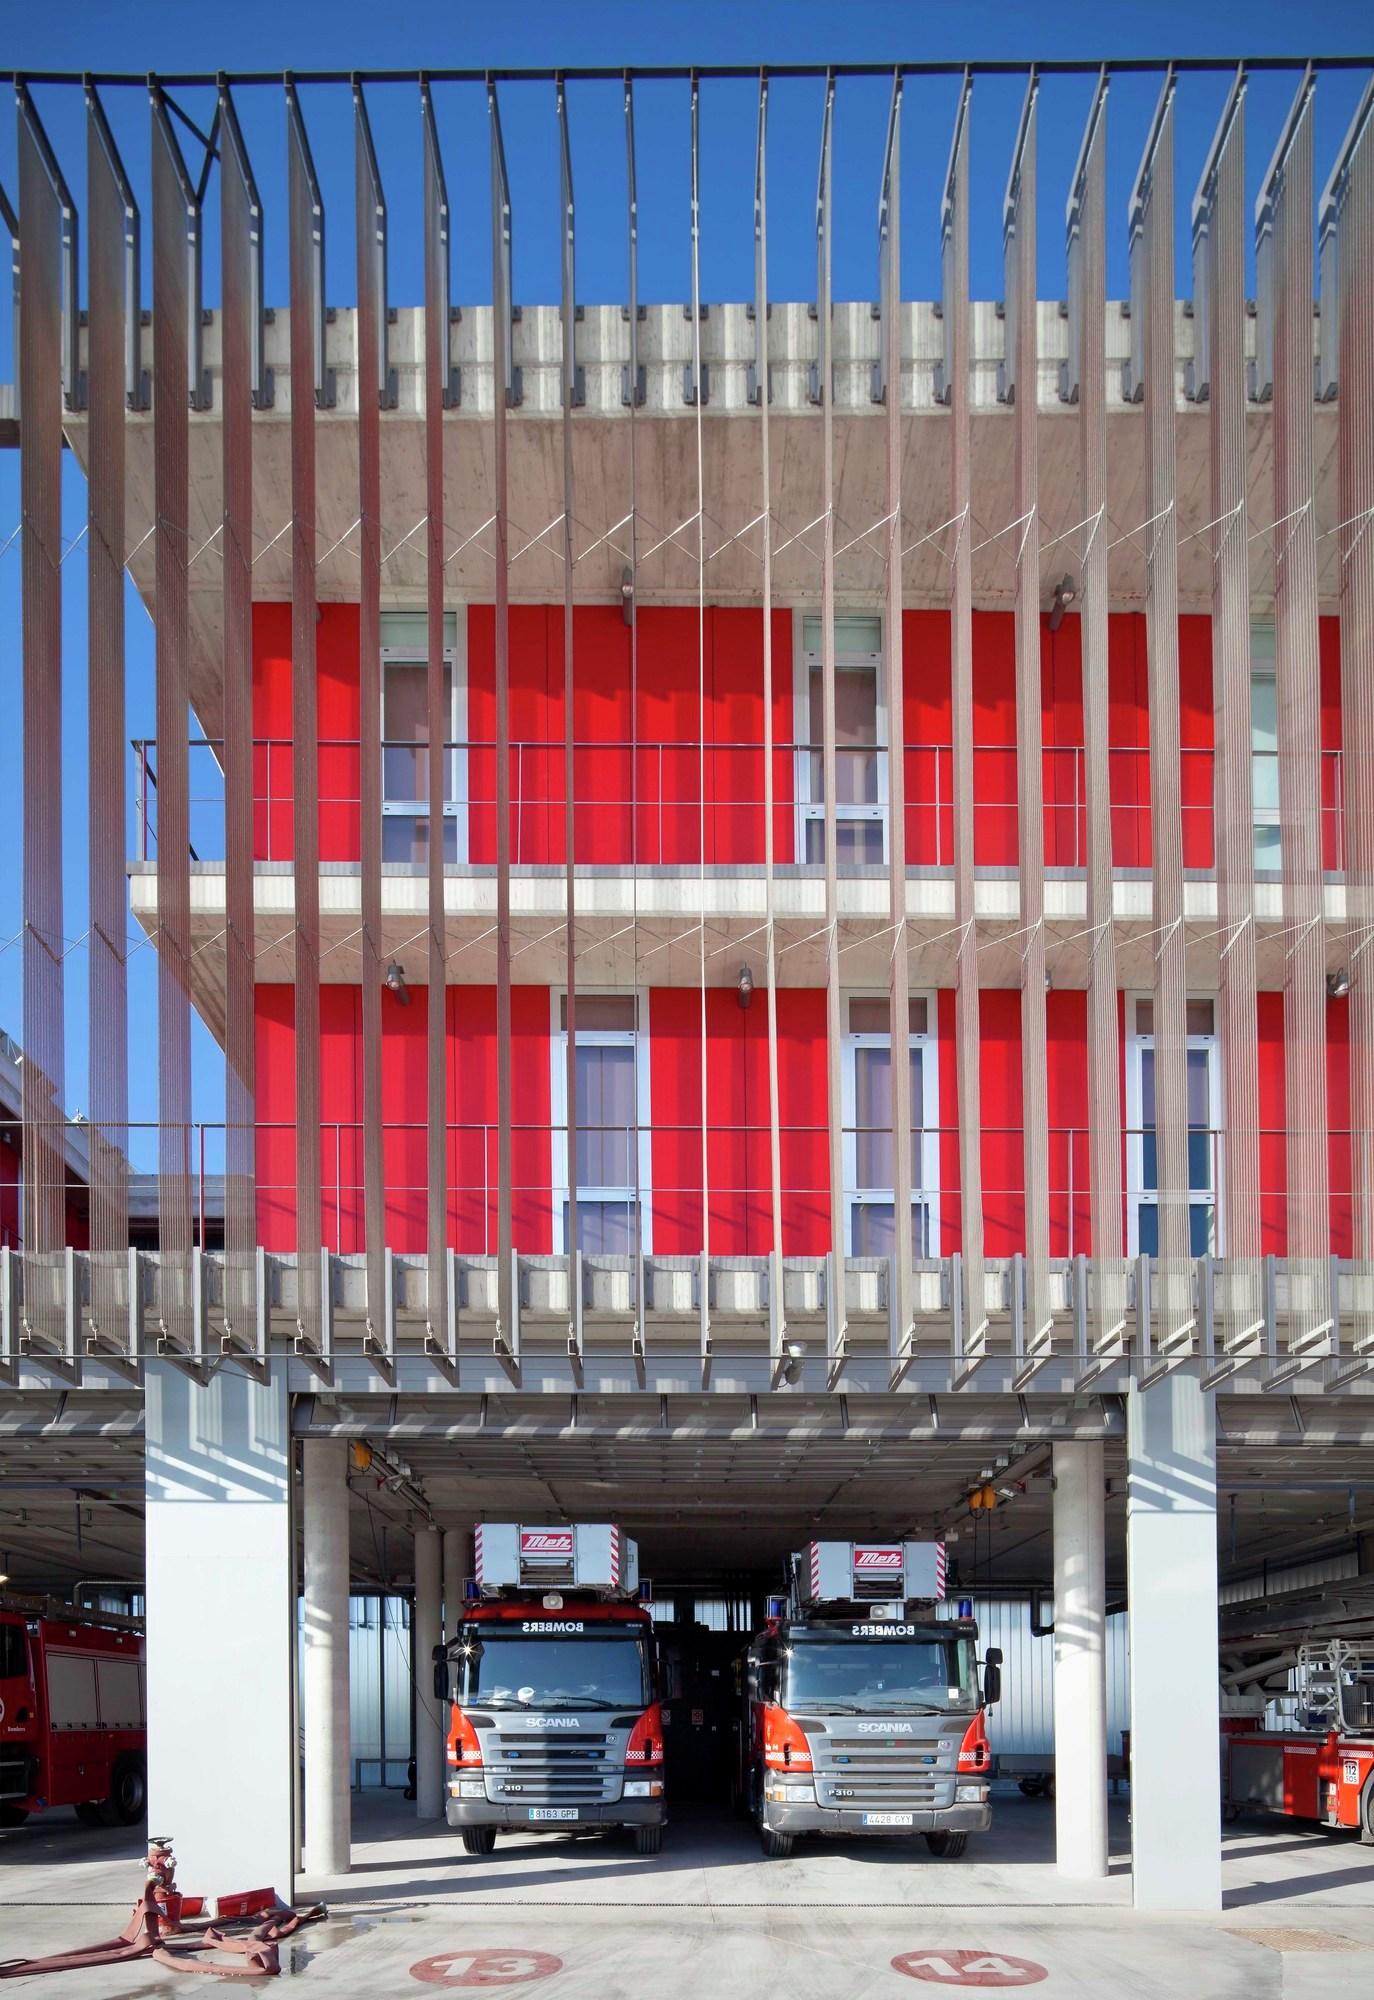 Gallery of firehouse of palma de mallorca jordi herrero arquitecto 3 - Arquitectos palma de mallorca ...